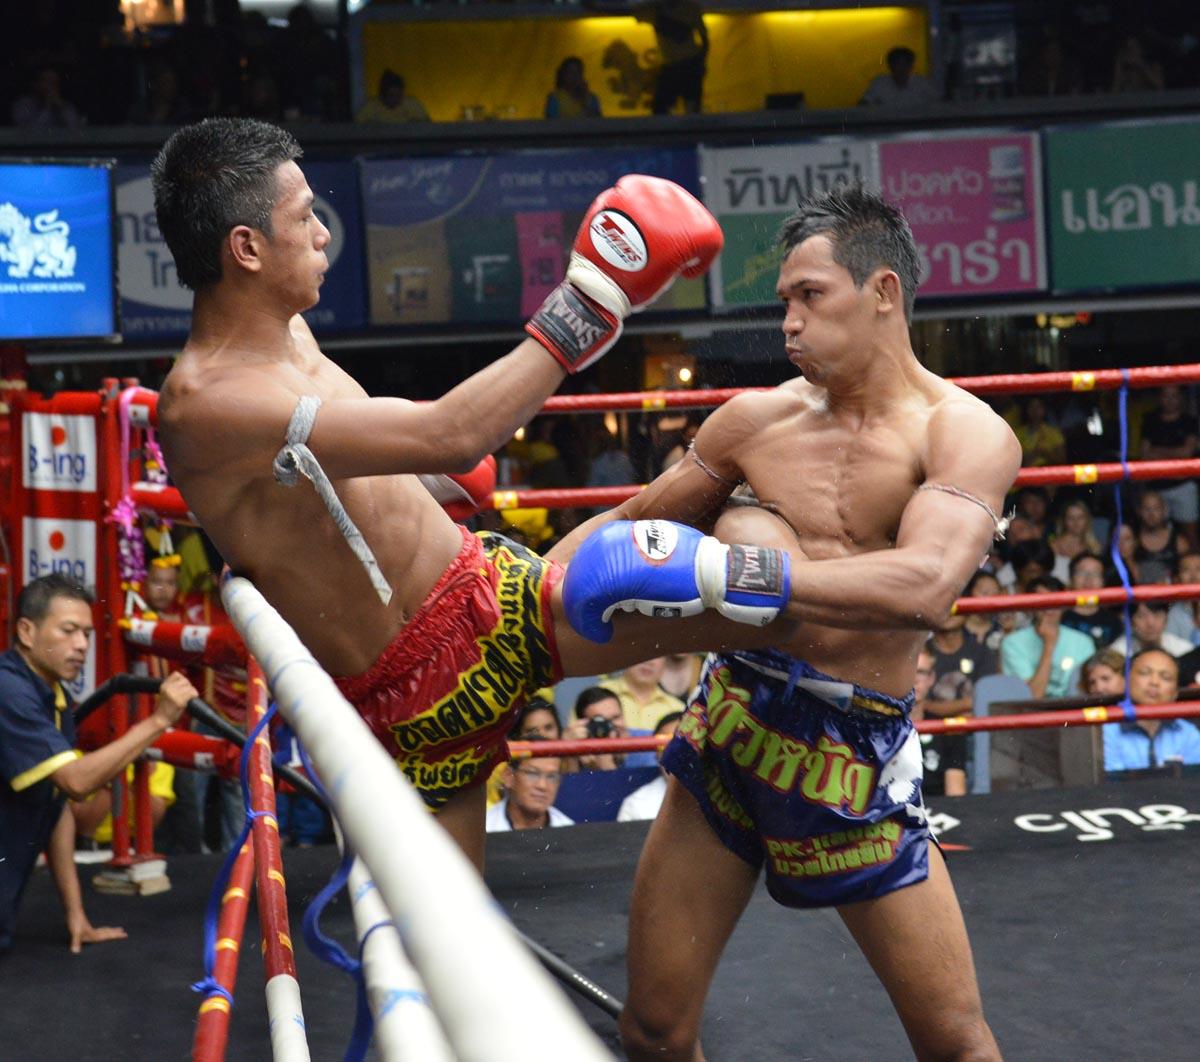 10 Fight 10 สด: ภาพบรรยากาศ การแข่งขัน ศึกมหาชนวันทรงชัย แขก พีเคแสนชัยมวย